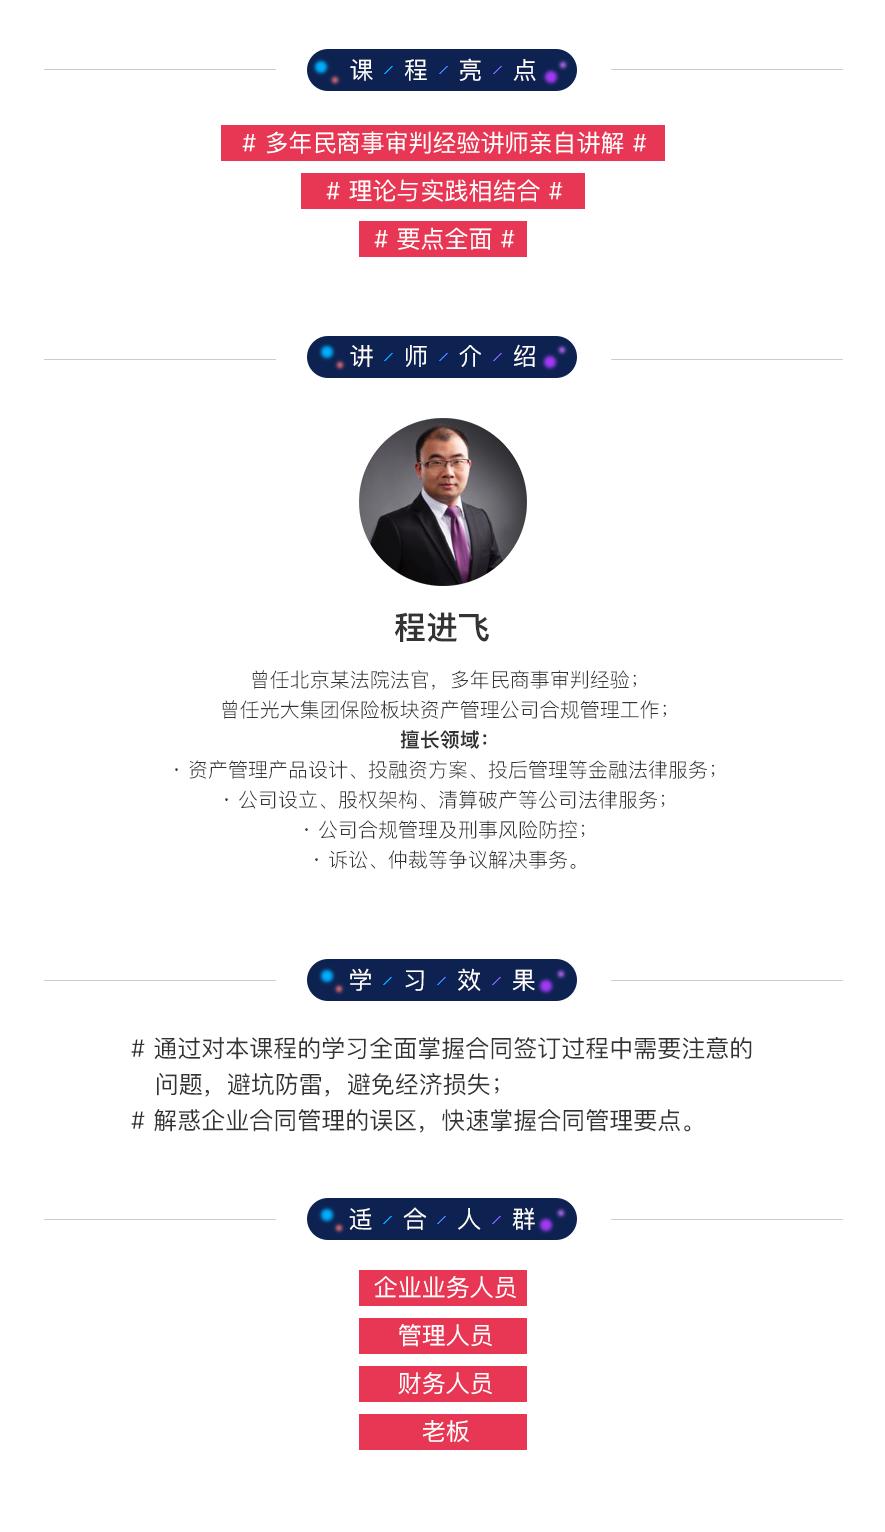 商品详情页副本.png